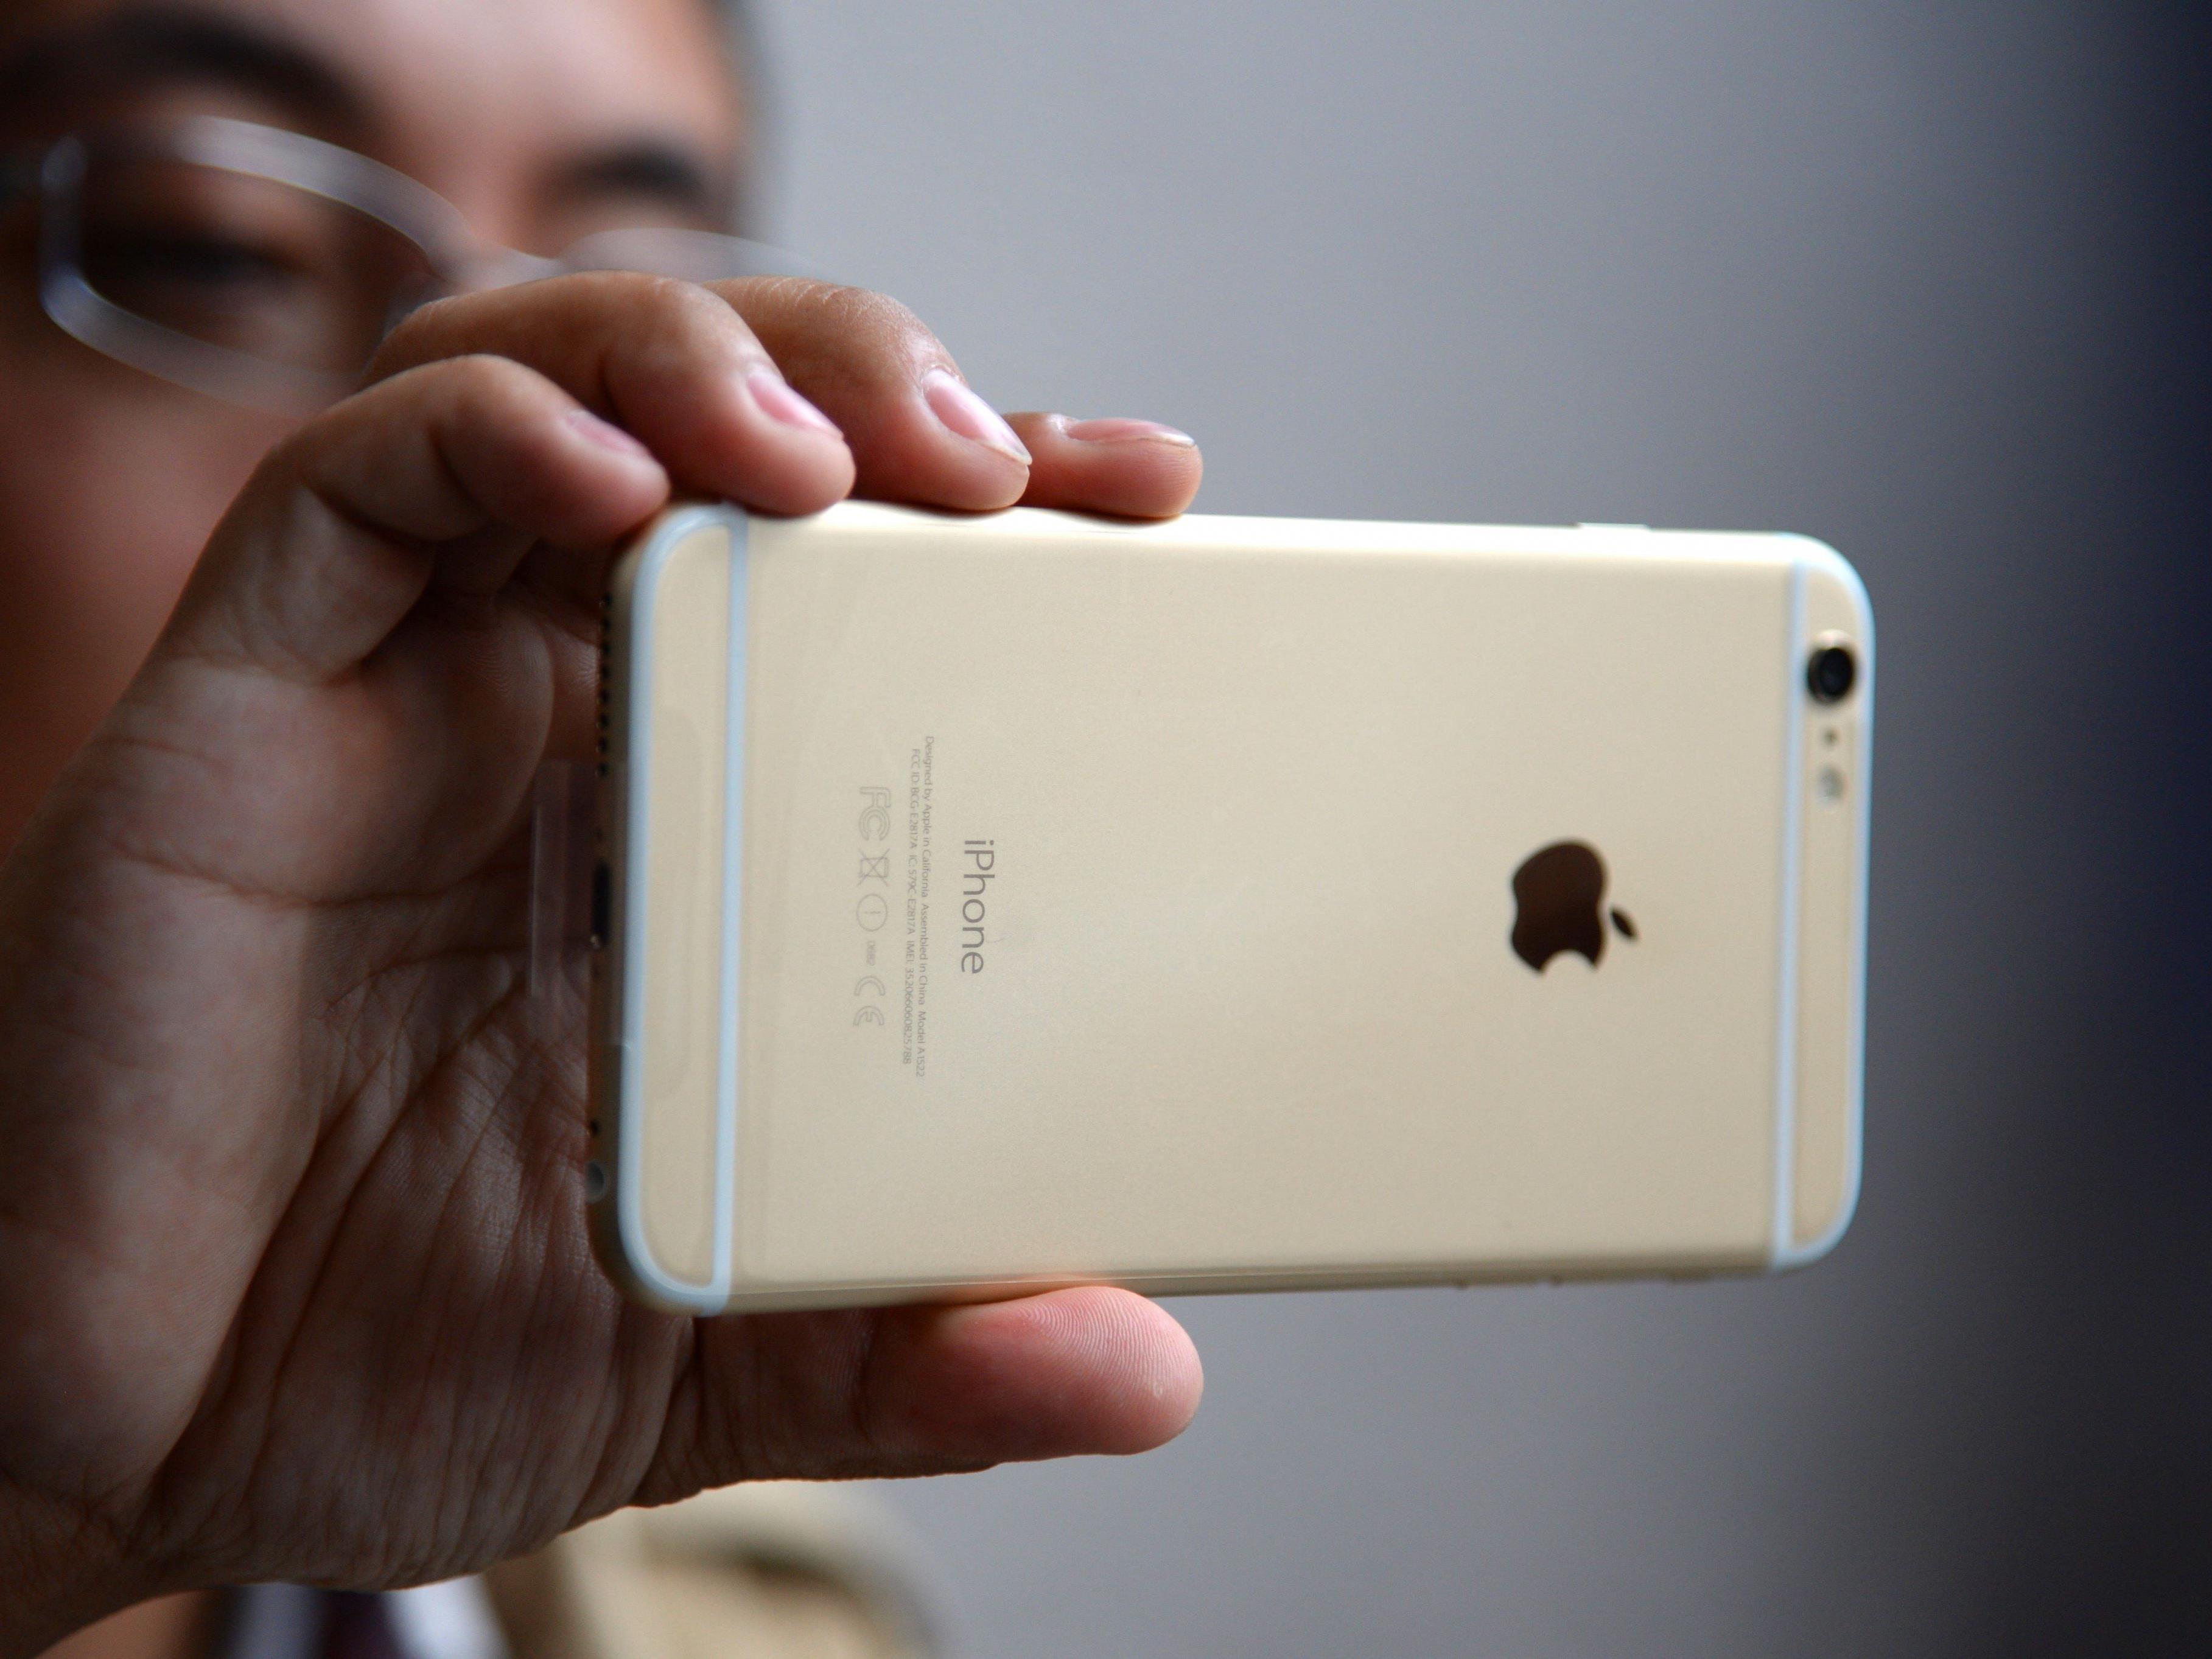 Es geht dabei um Technologie zur sicheren Kommunikation in Diensten wie iMessage und FaceTime.